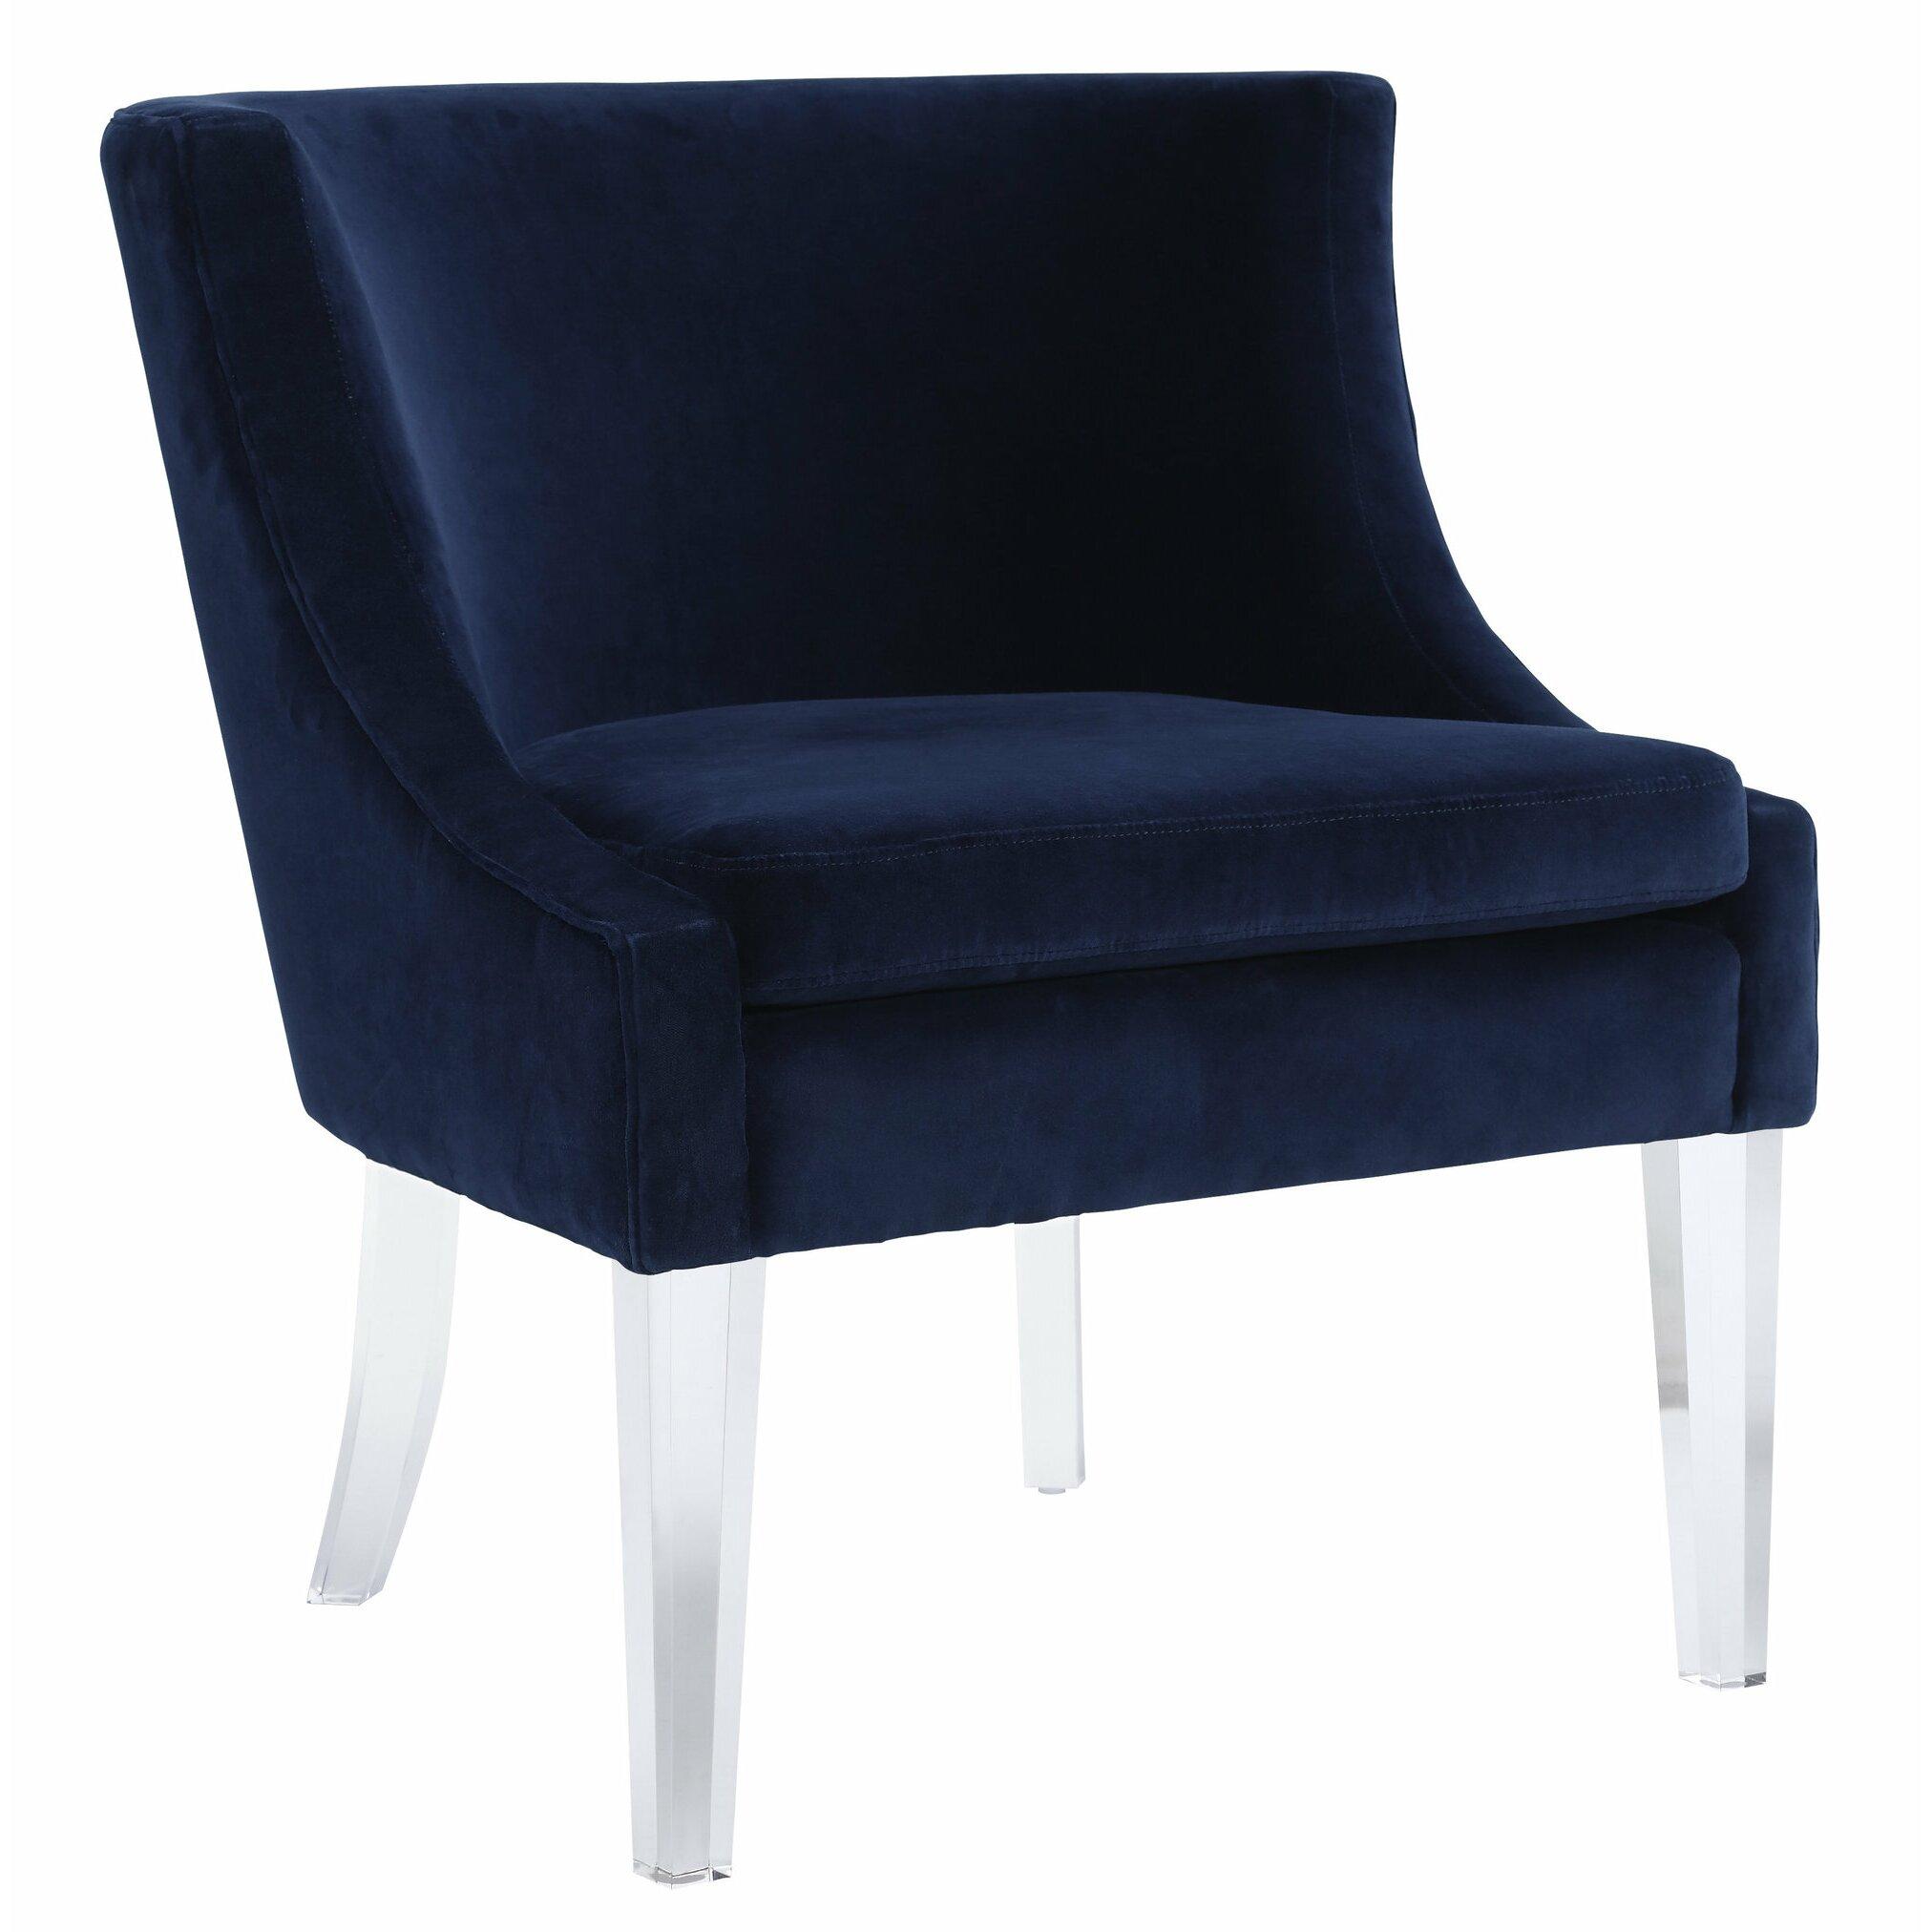 Mercer41 Amber Velvet Arm Chair Amp Reviews Wayfair